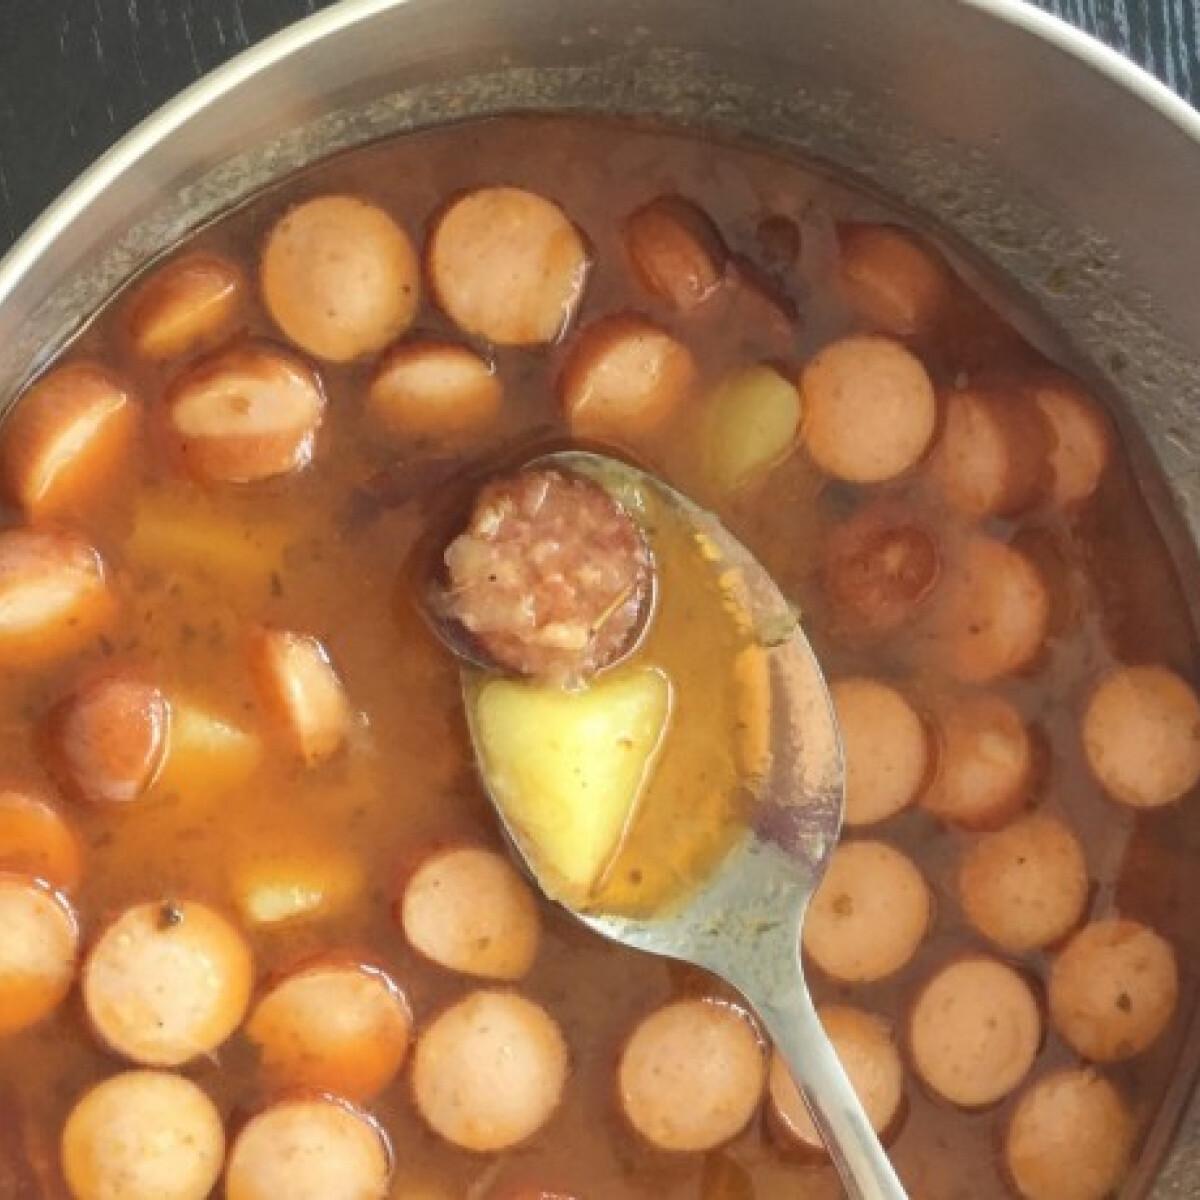 Ezen a képen: Paprikás krumpli 1 kamionos csajtól